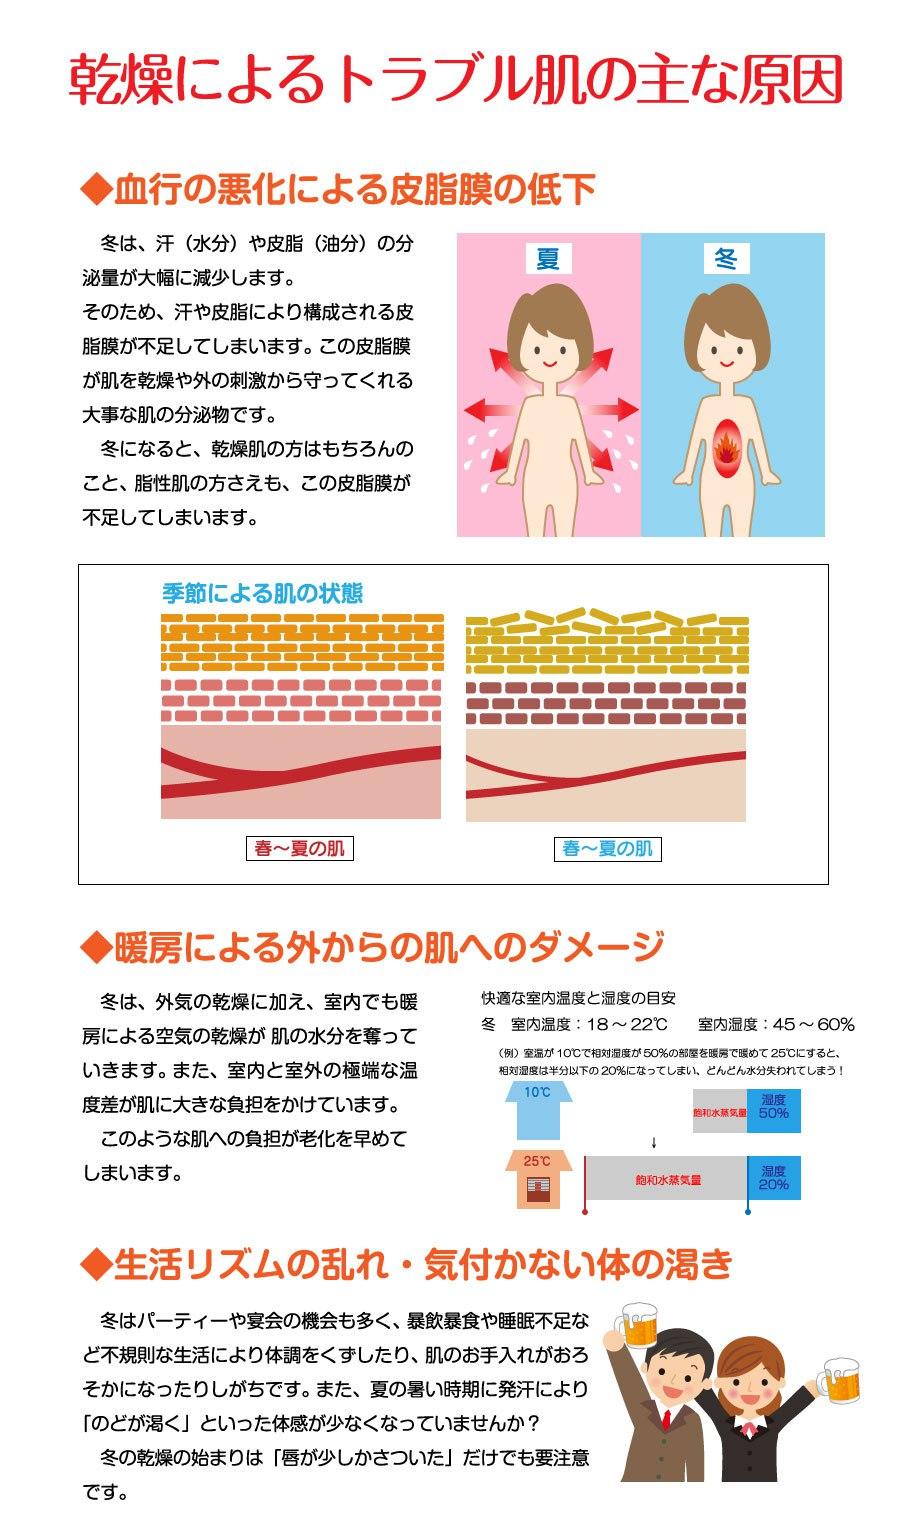 乾燥によるトラブル肌の主な原因